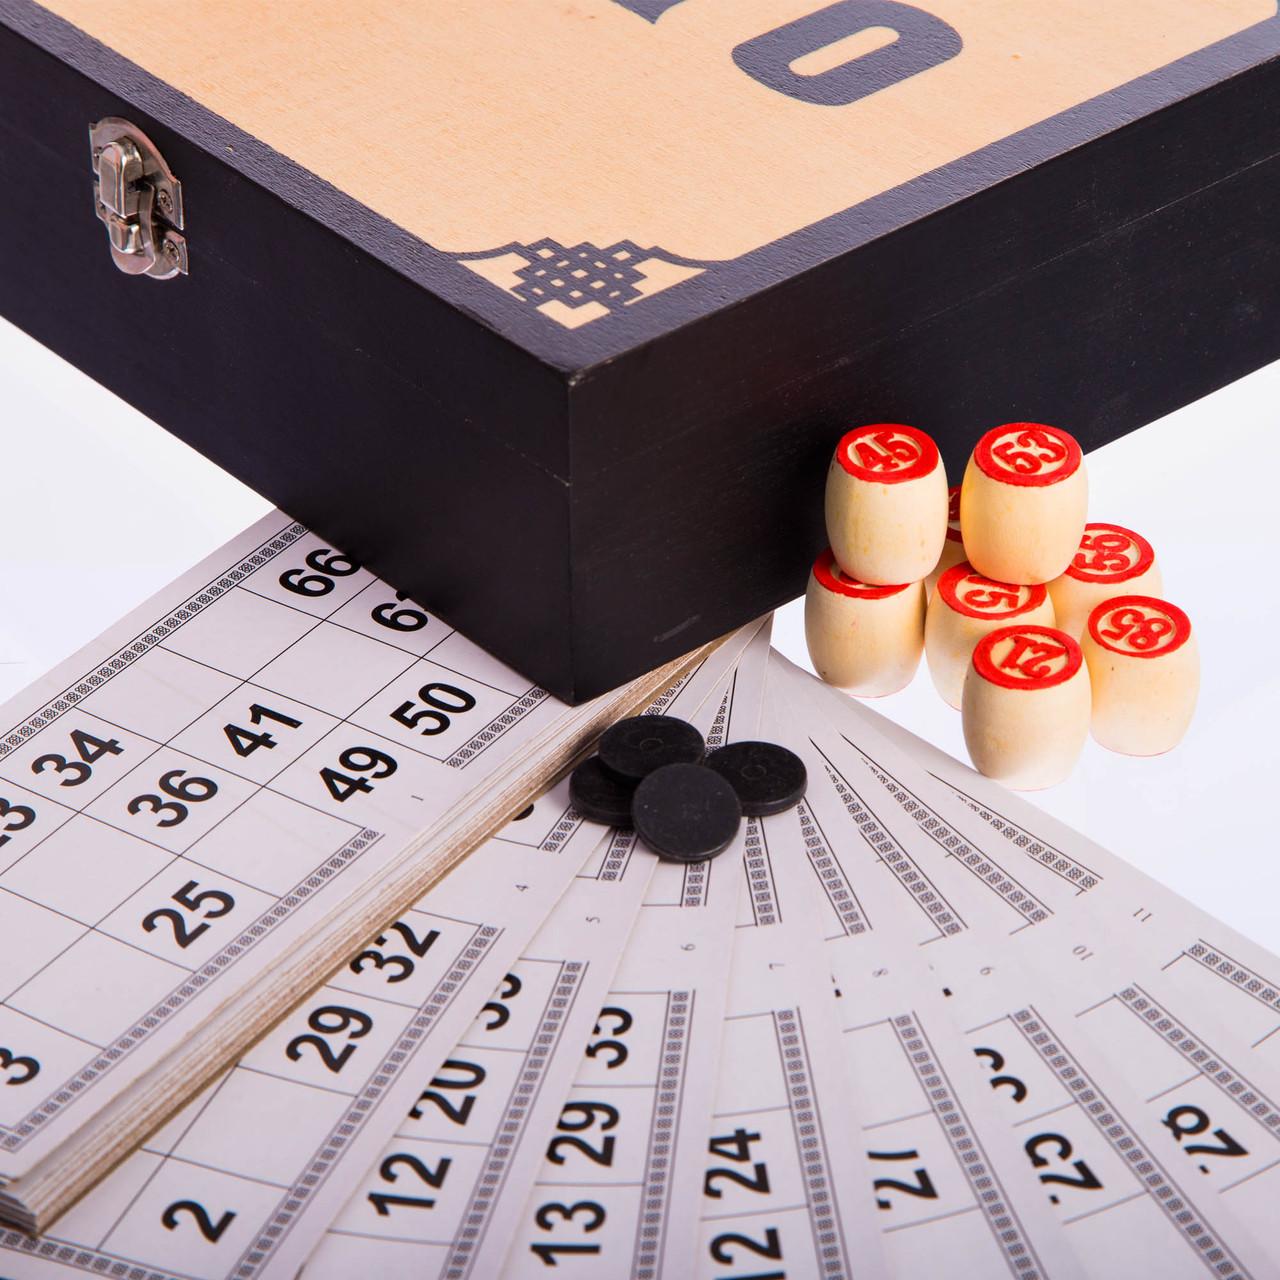 Лото настольная игра в деревянной коробке (90 дер.боч.,48 карт,40 фиш,р-р 24x22x6,5см)